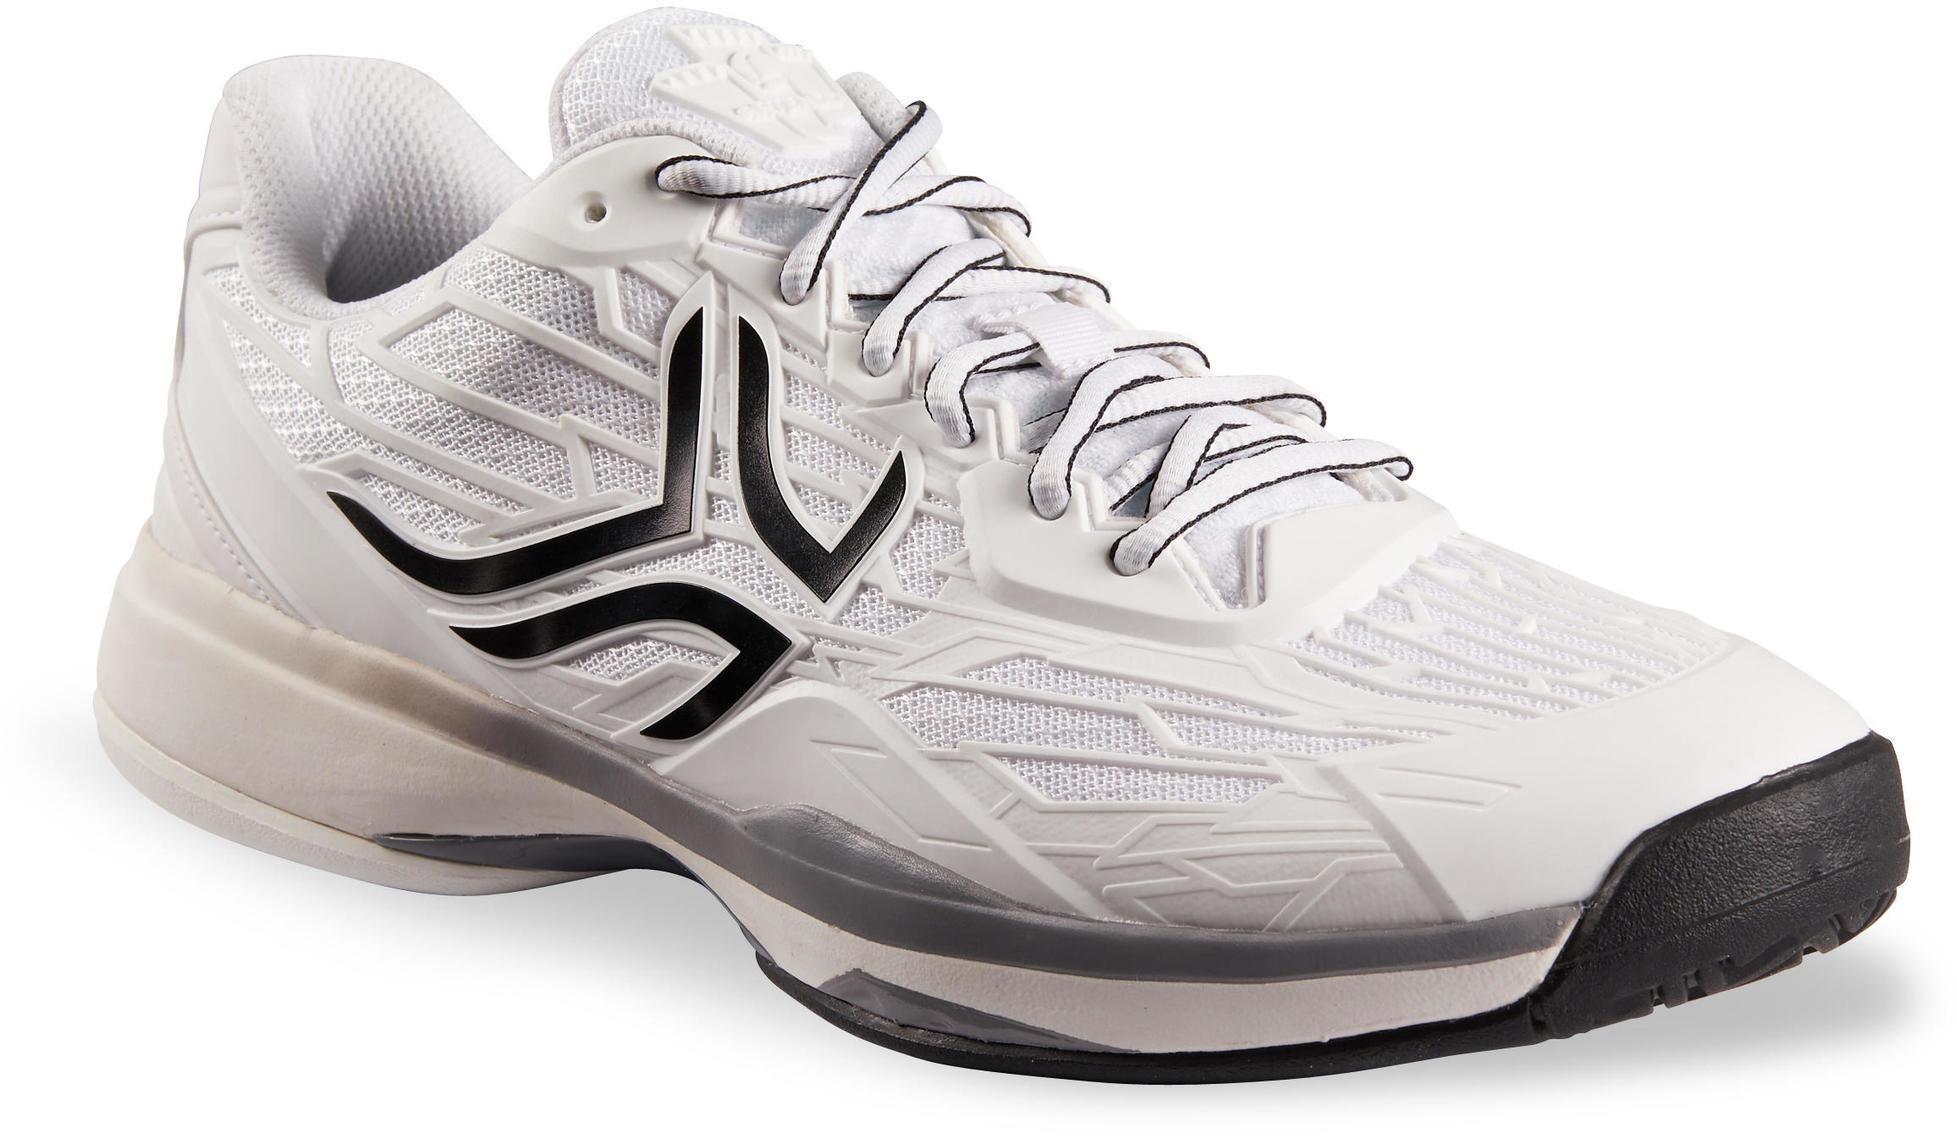 ARTENGO Buty tenisowe TS990 męskie na każdą nawierzchnię male